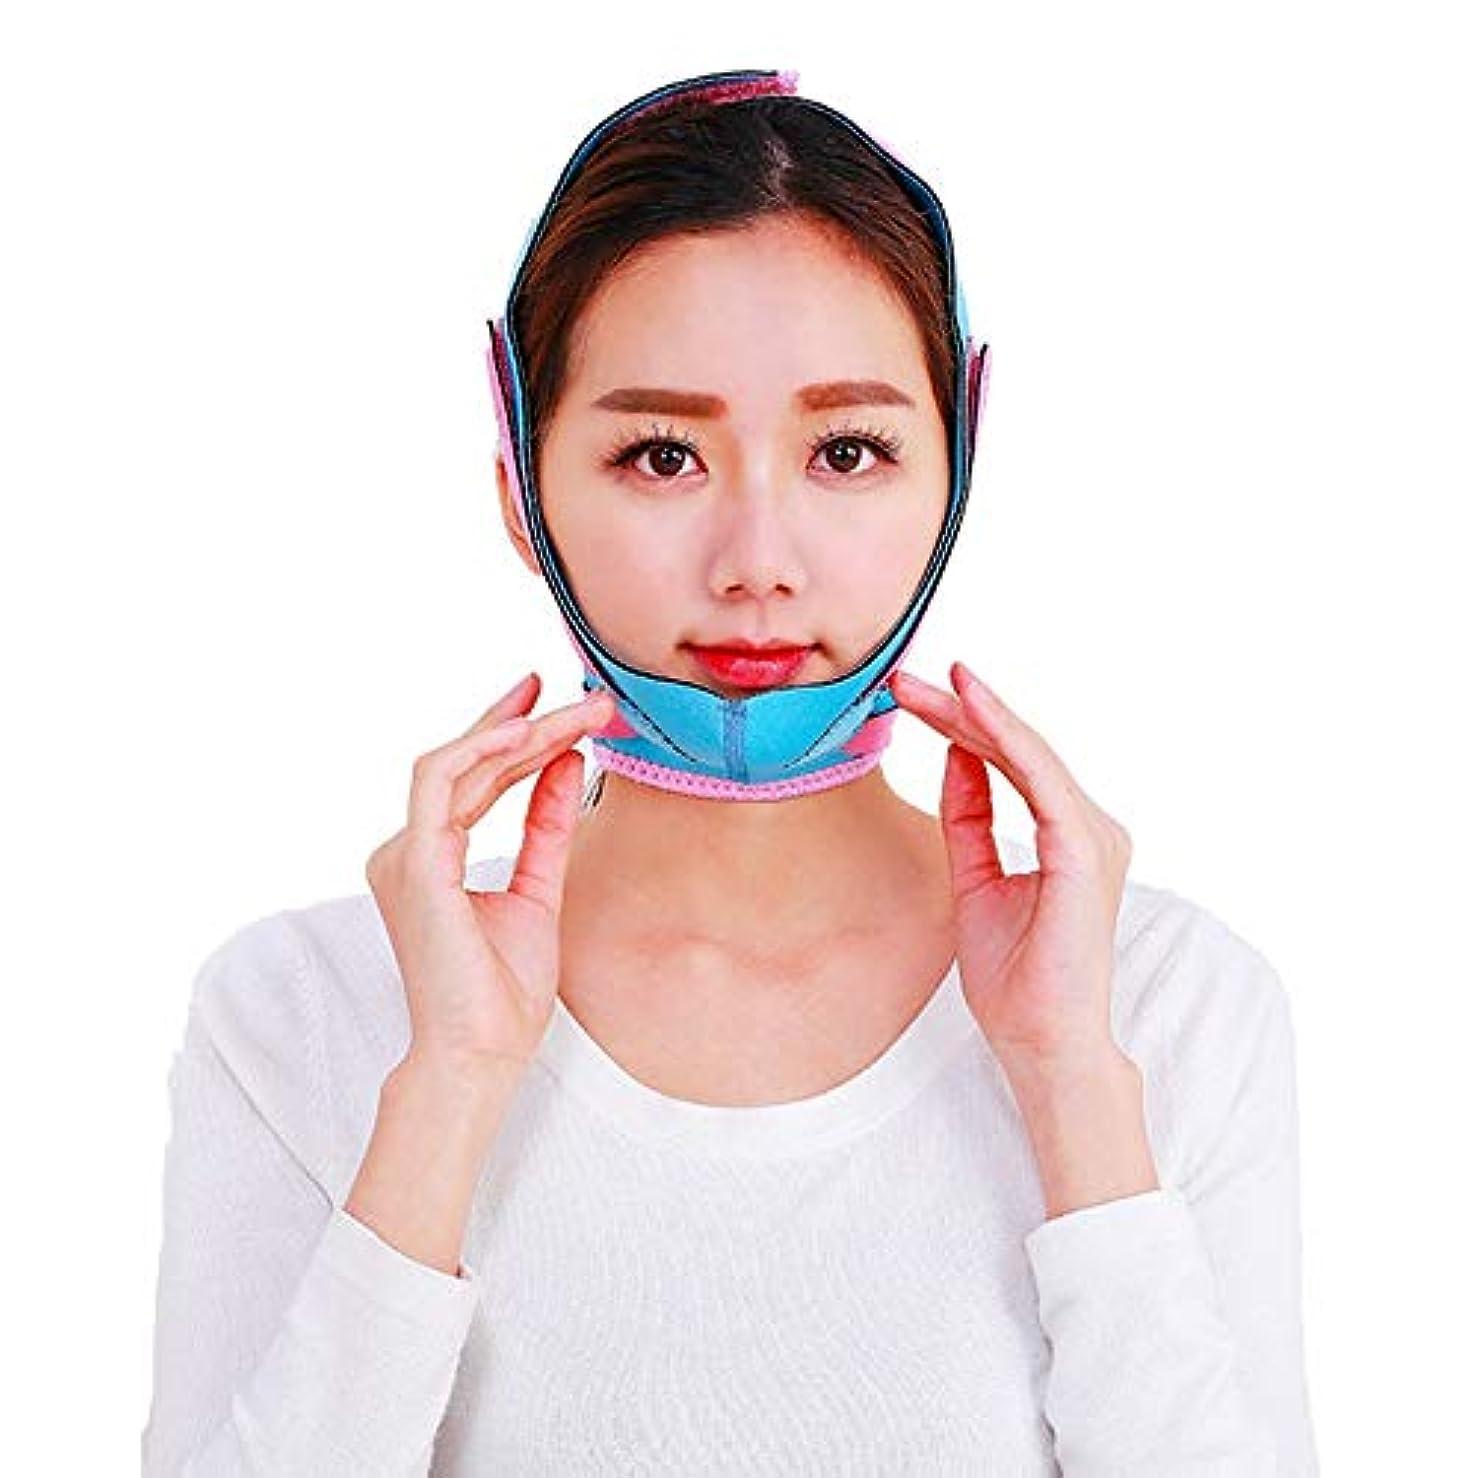 レオナルドダ遊びますつぶすフェイスリフトベルト 薄い顔のベルト - 薄い顔のベルト通気性のある顔の包帯前面のリフティングマスクVの顔薄い面の小さな持ち上げツール